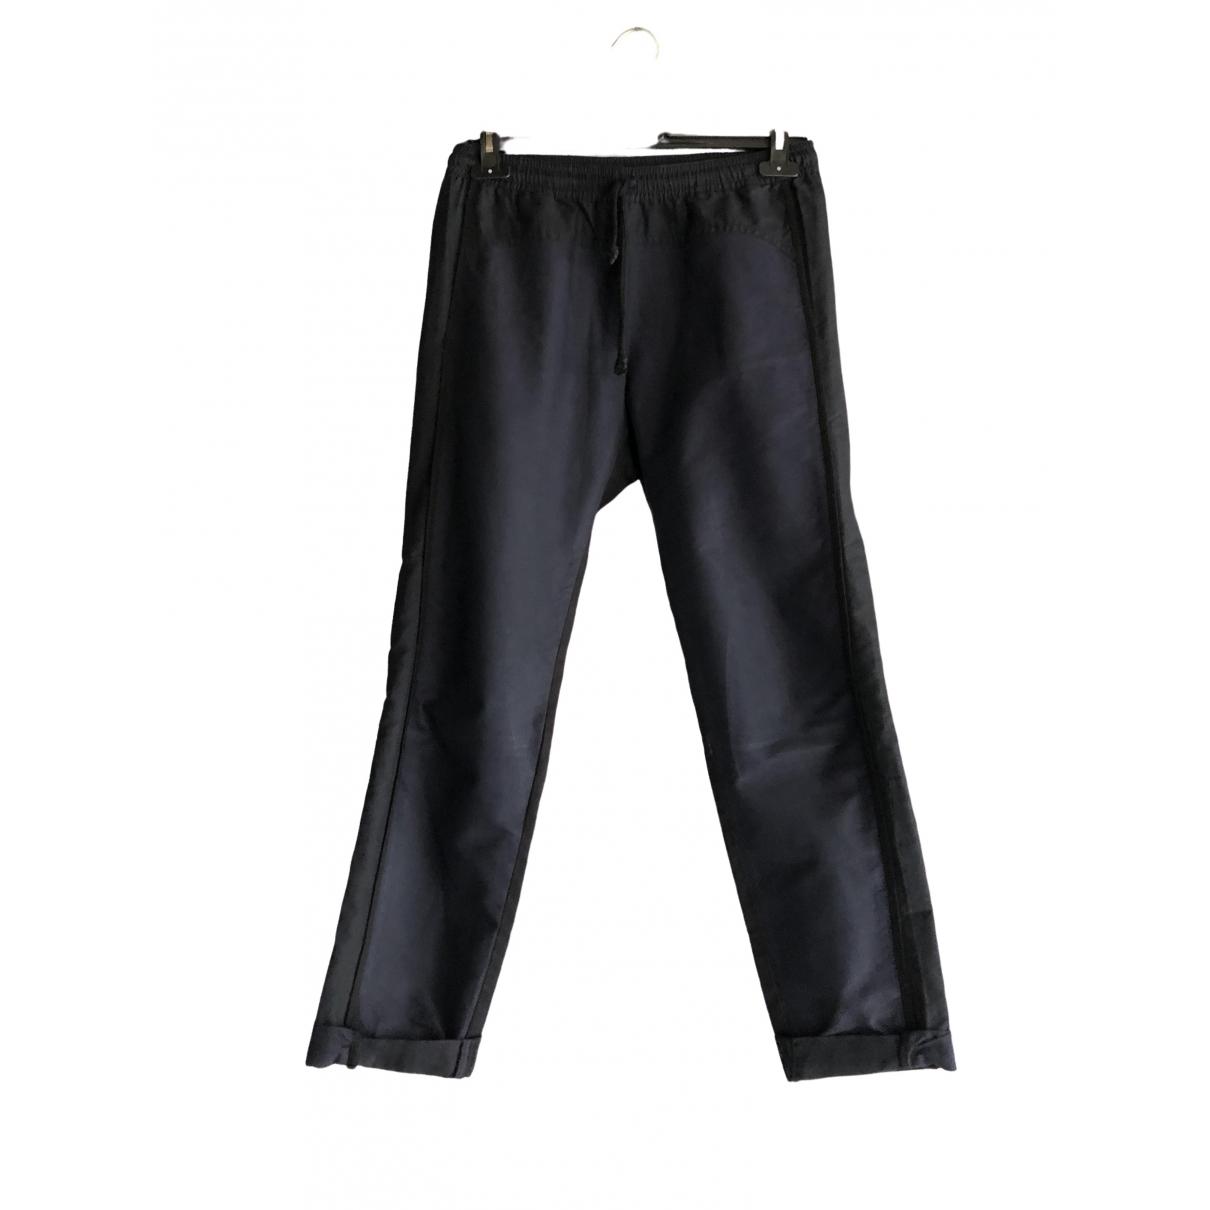 Dries Van Noten \N Navy Cotton Trousers for Men S International